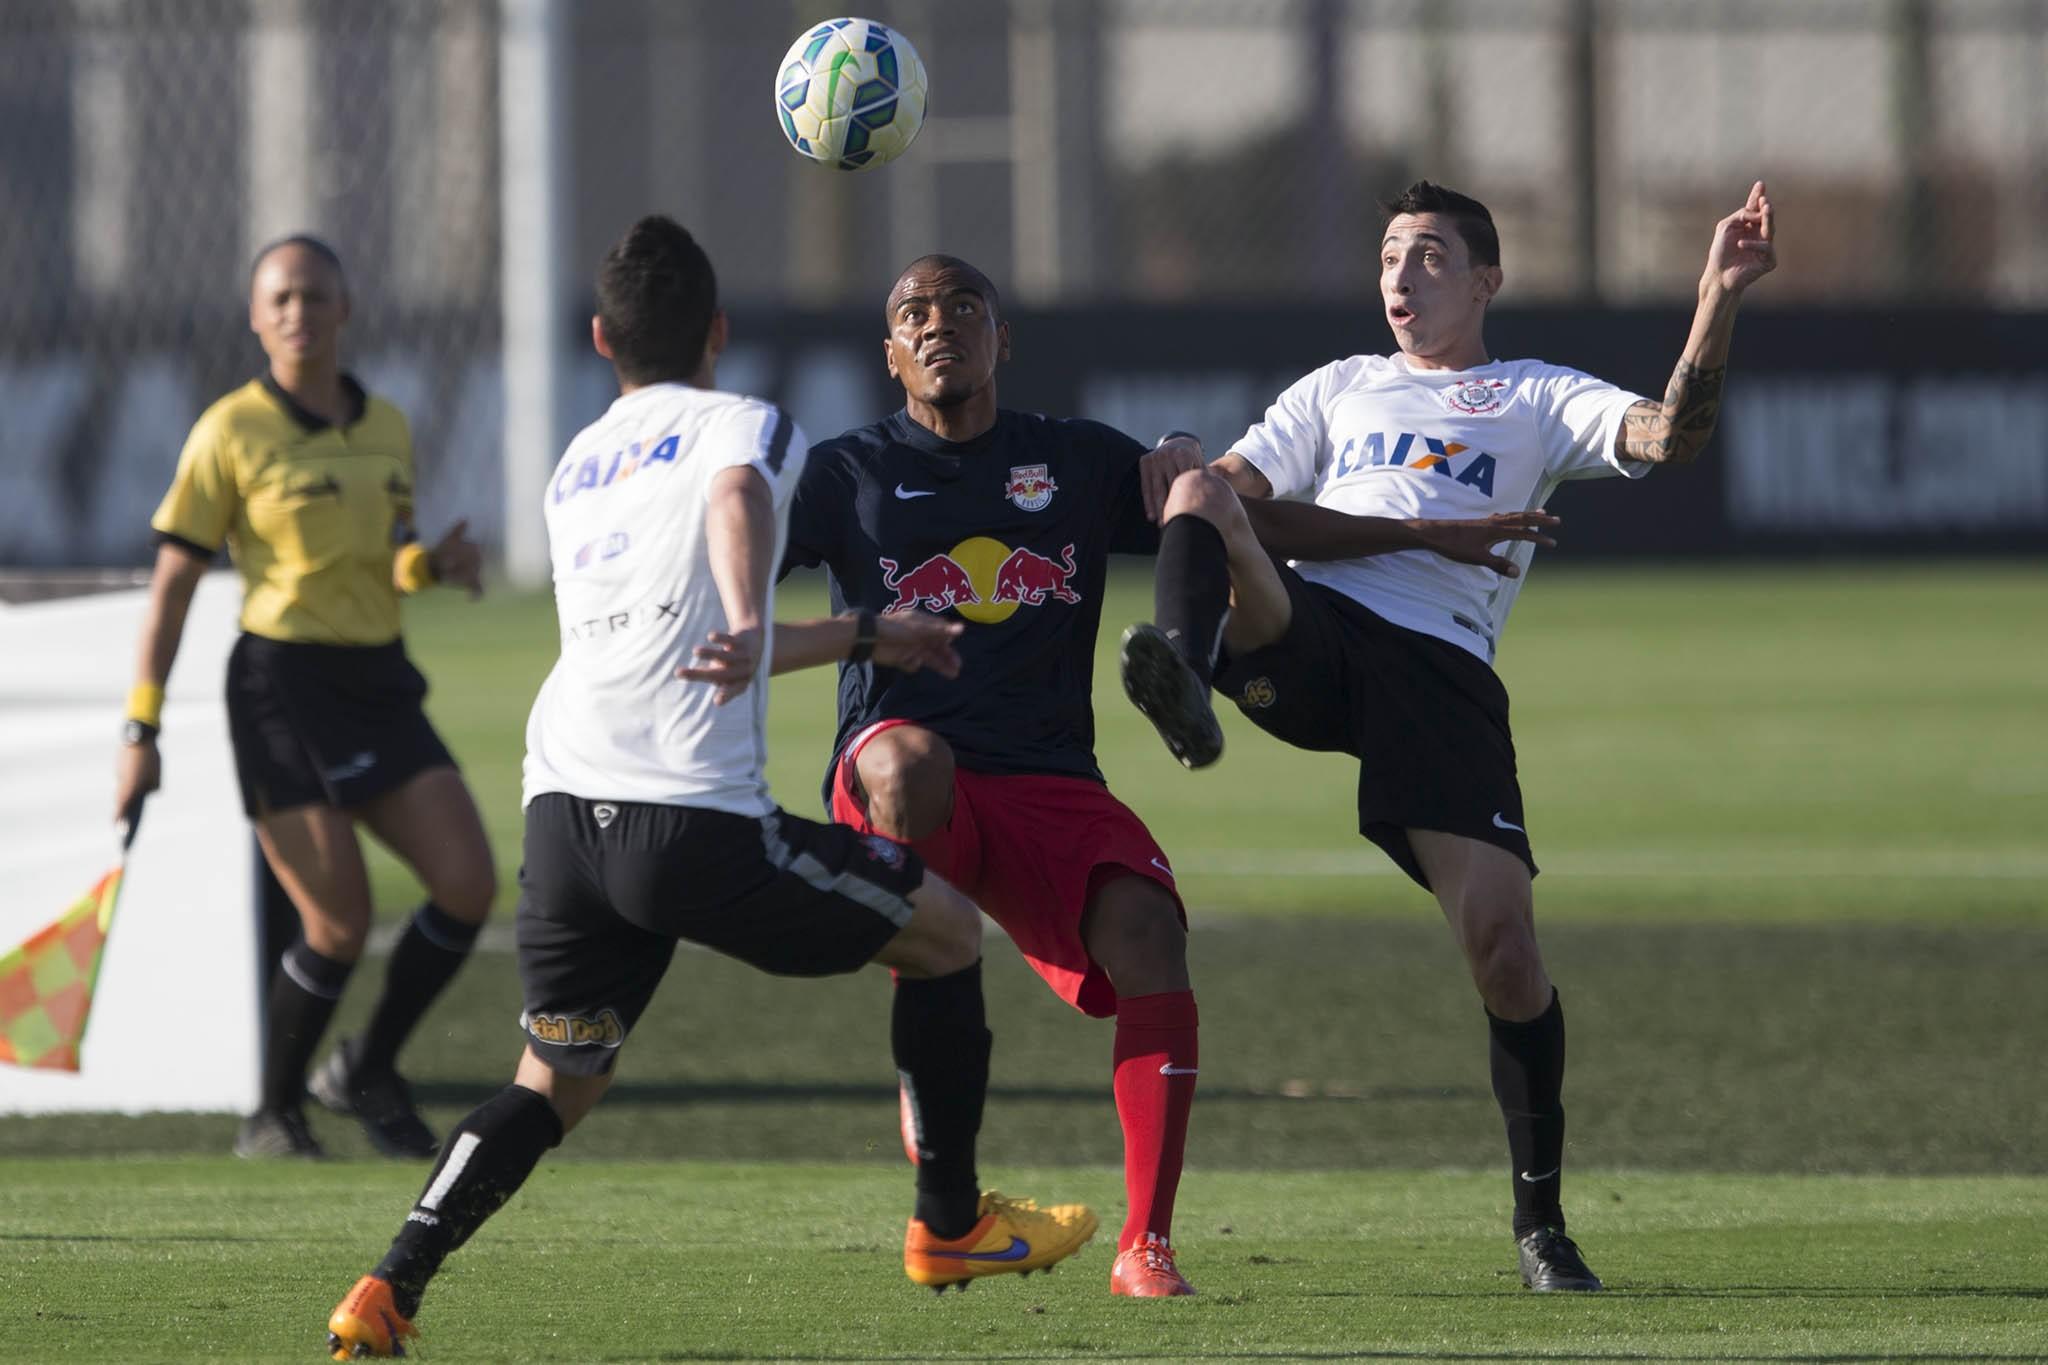 Rodriguinho faz dois e comanda vitória do Corinthians em jogo-treino 8f3a0a31eb9e5